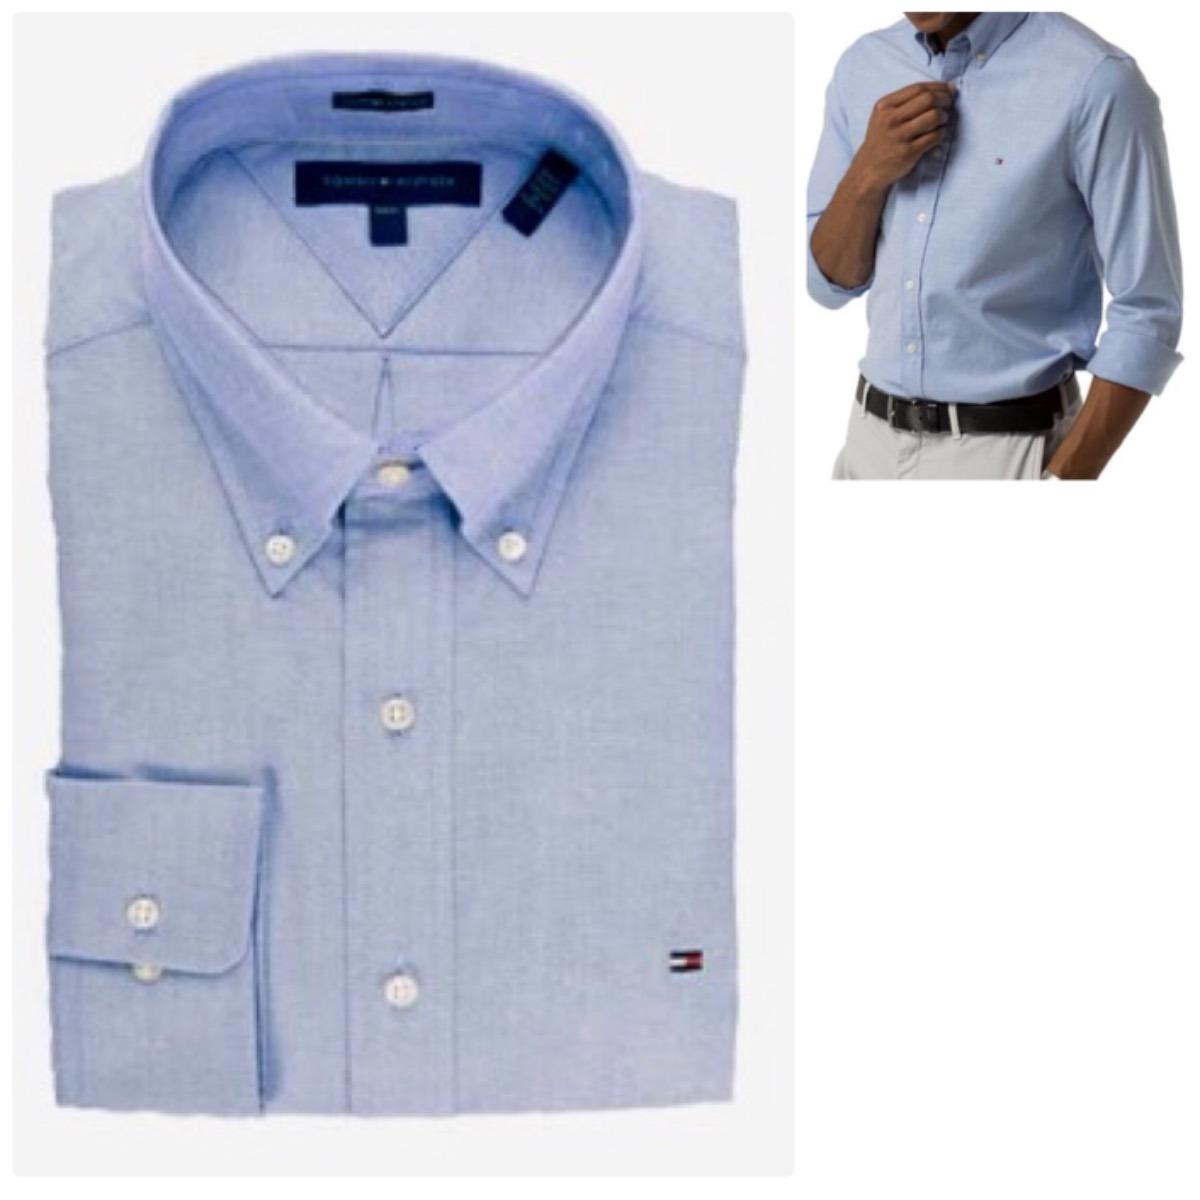 camisa social oxford tommy hilfiger original g 100% algodão. Carregando zoom . 70c353b9aa385